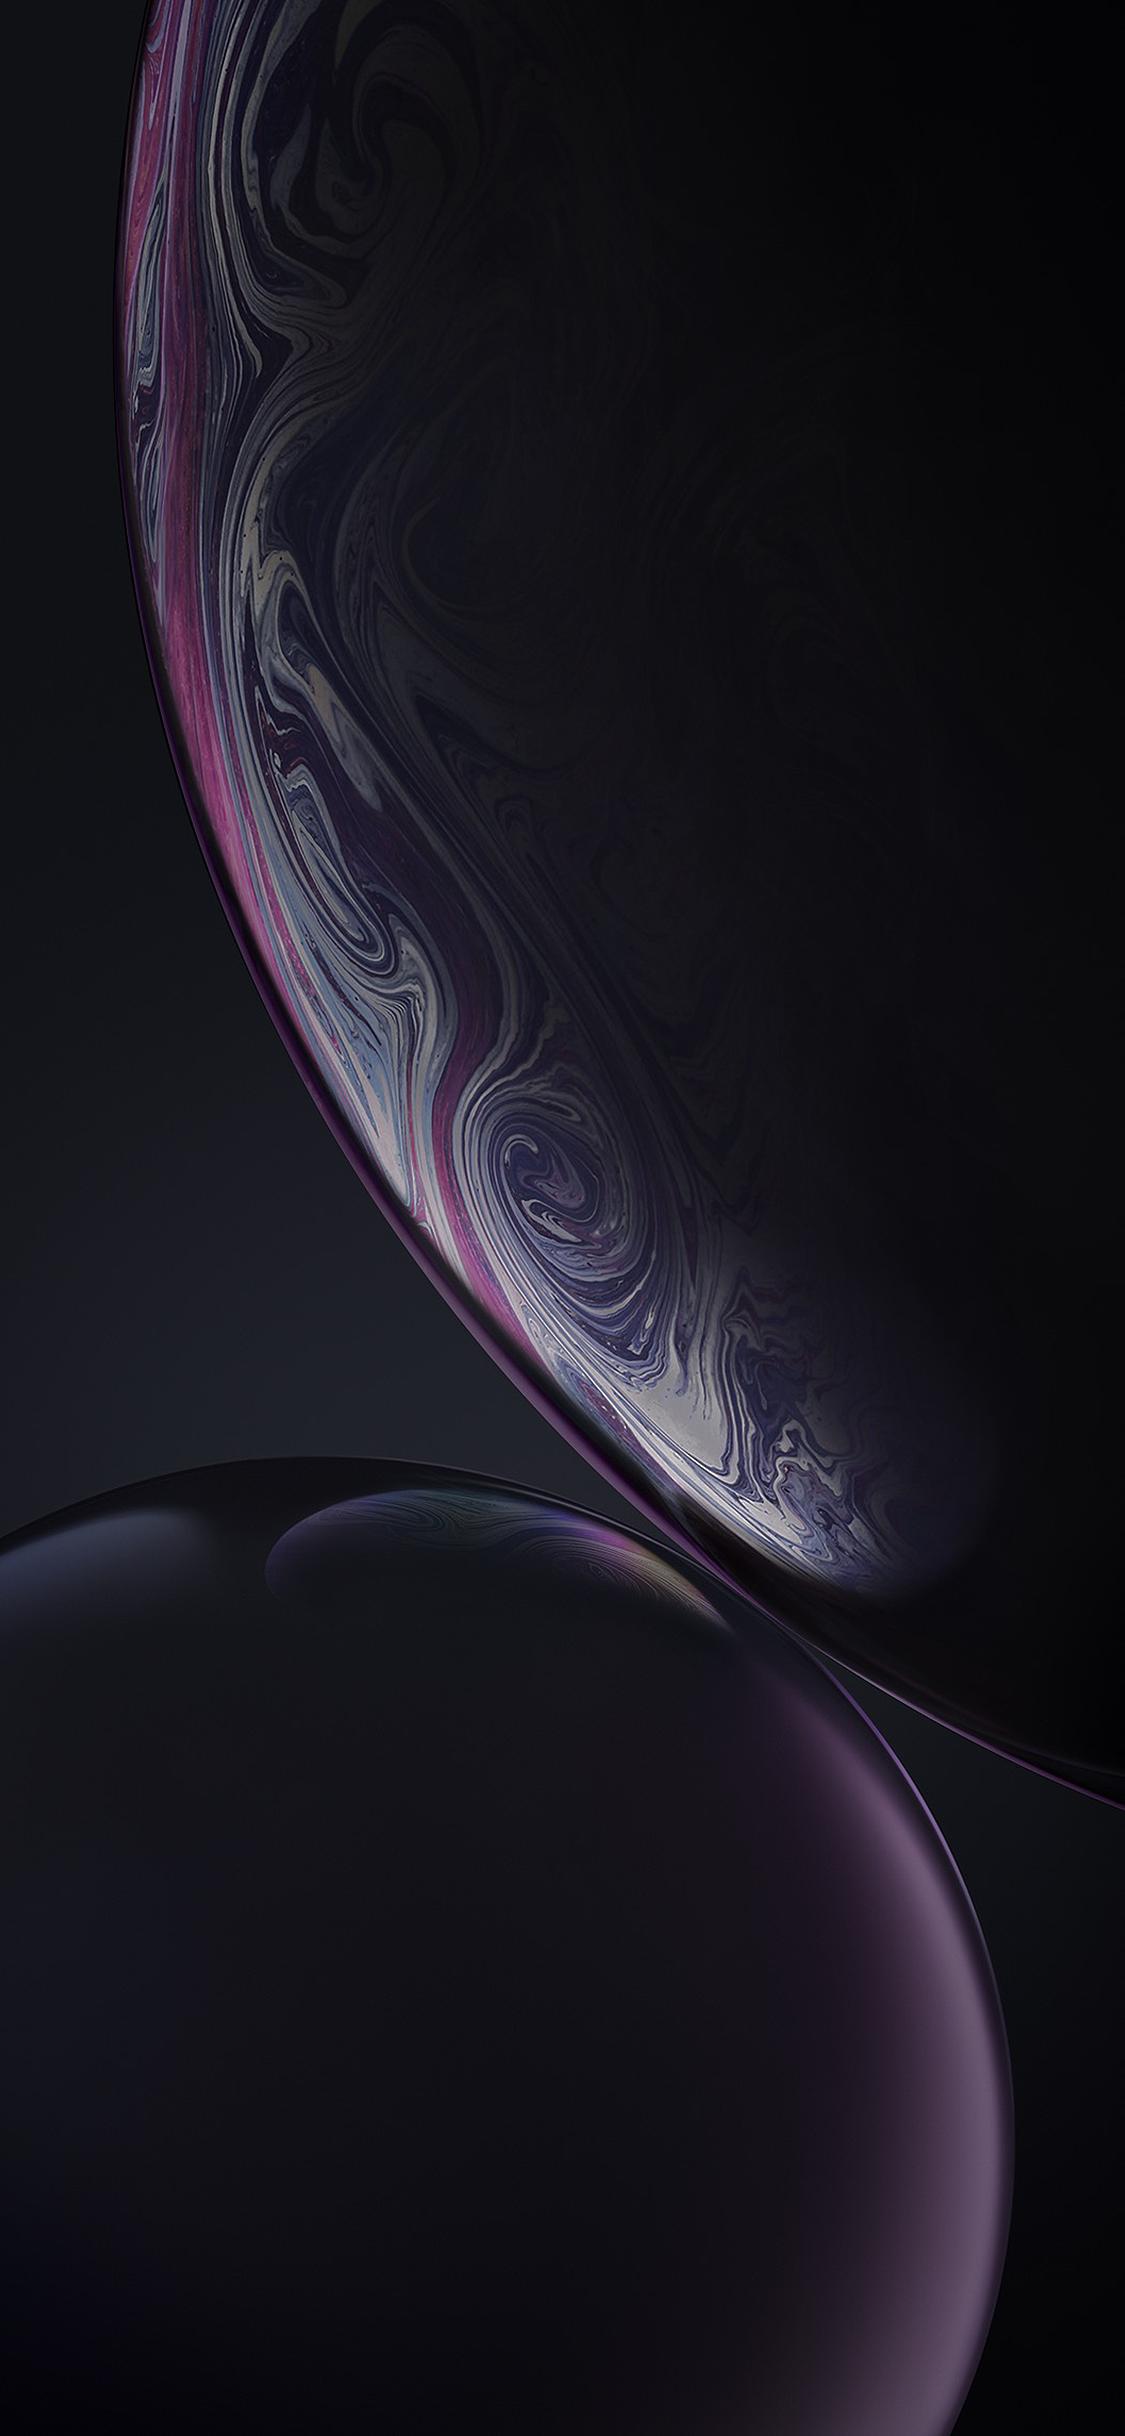 iPhone XR Black Bubbles Wallpaper